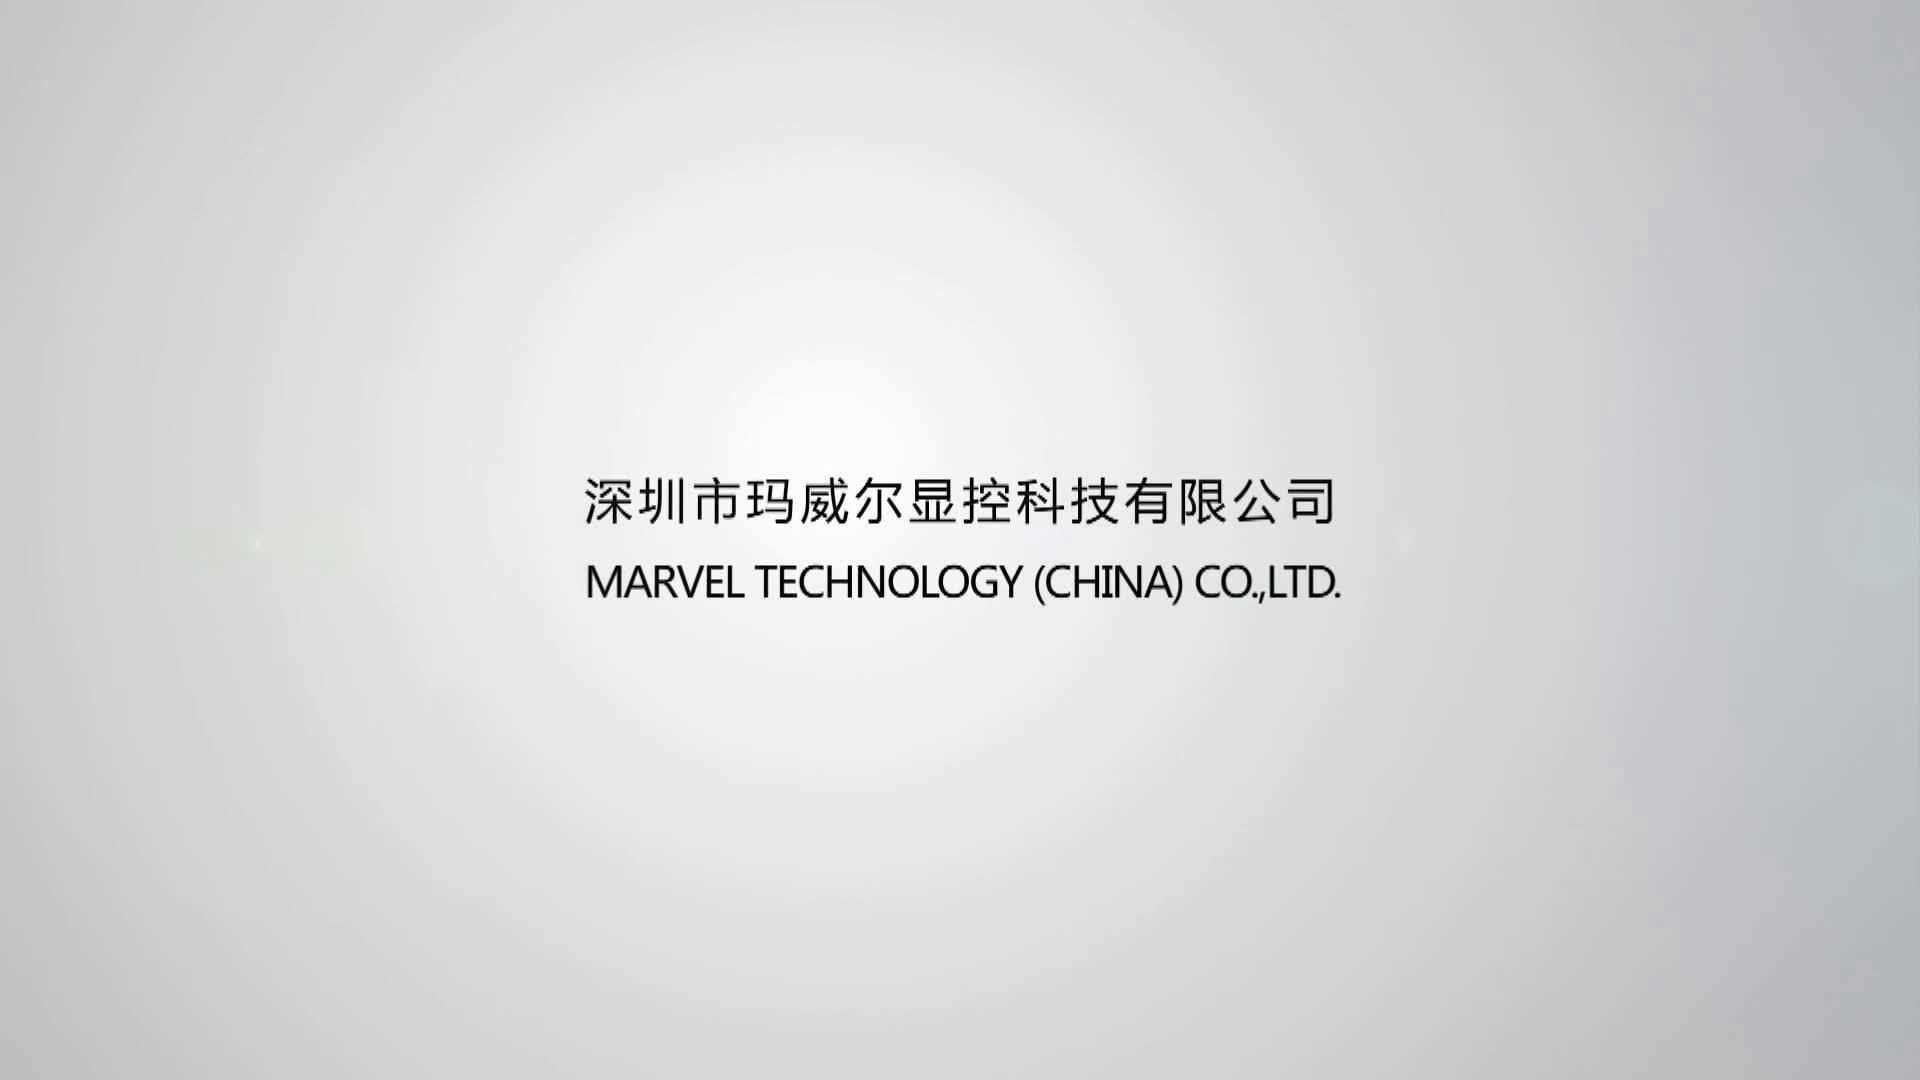 55 65 بوصة جهين عرض التجزئة لاعب الإشارات الرقمية متجر نافذة شنقا شاشة lcd الإعلان